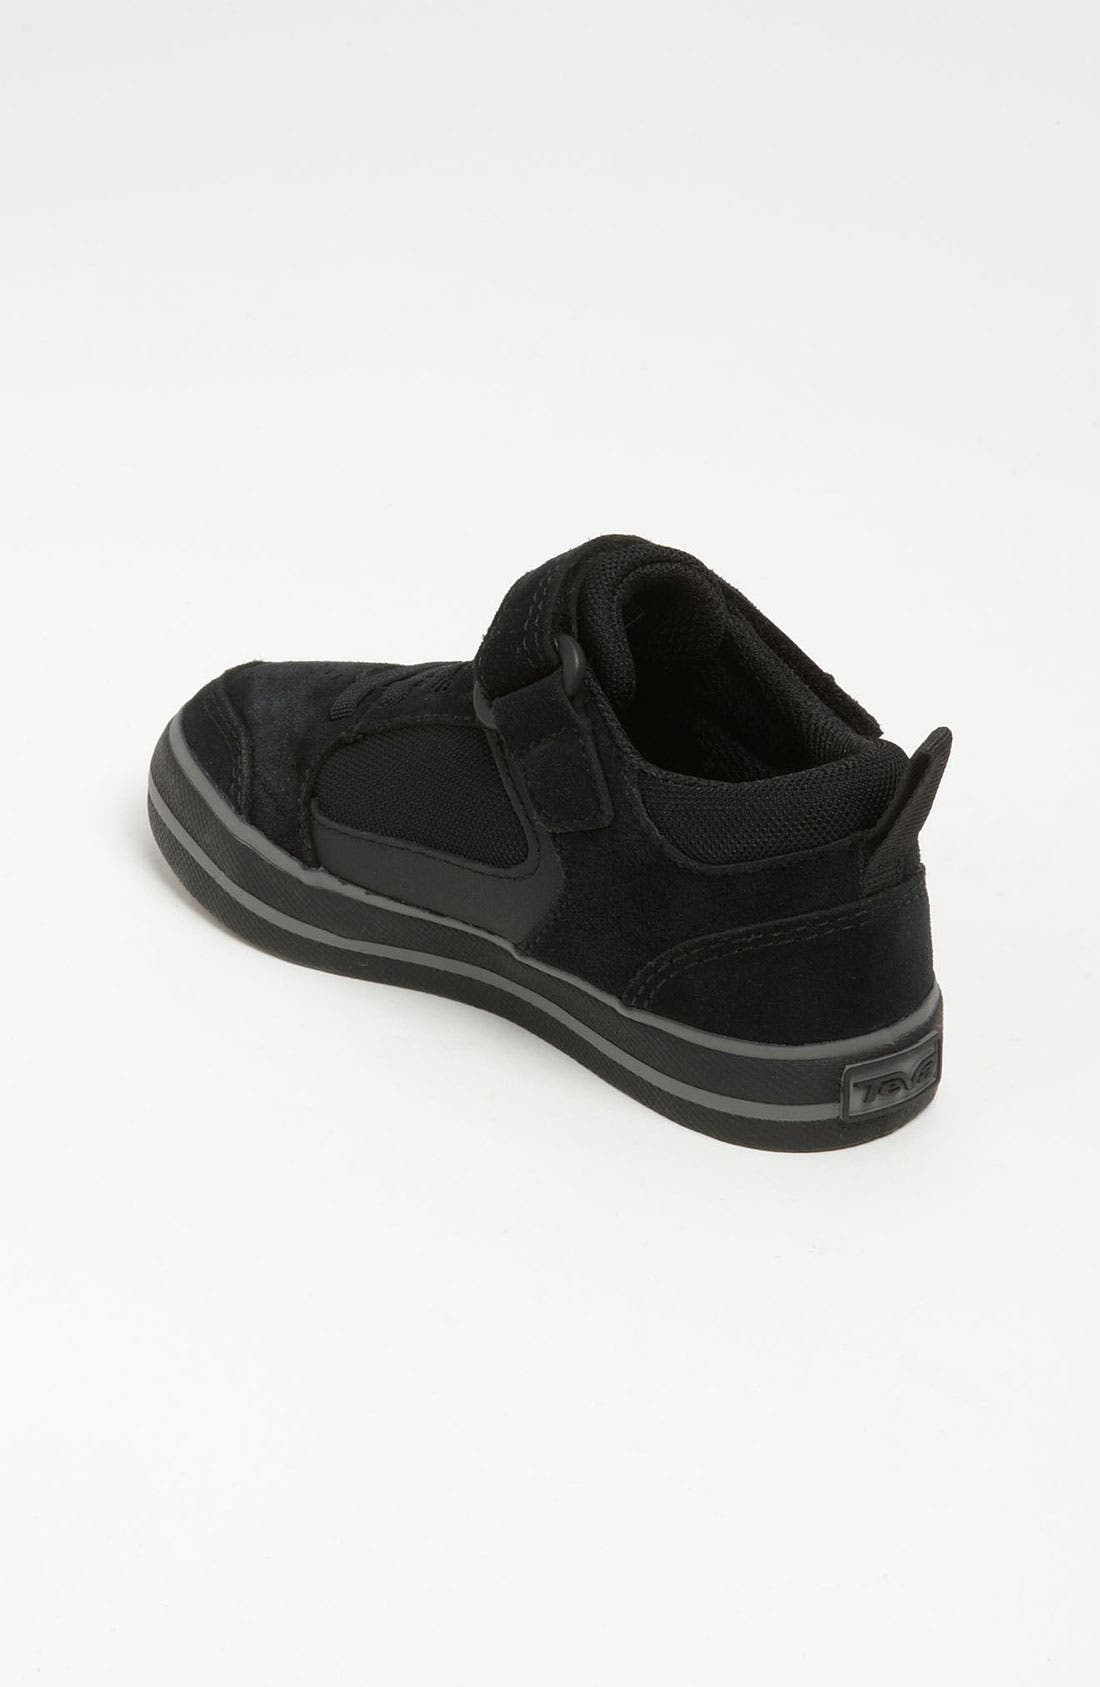 Alternate Image 2  - Teva 'Crank C' Sneaker (Toddler & Little Kid)